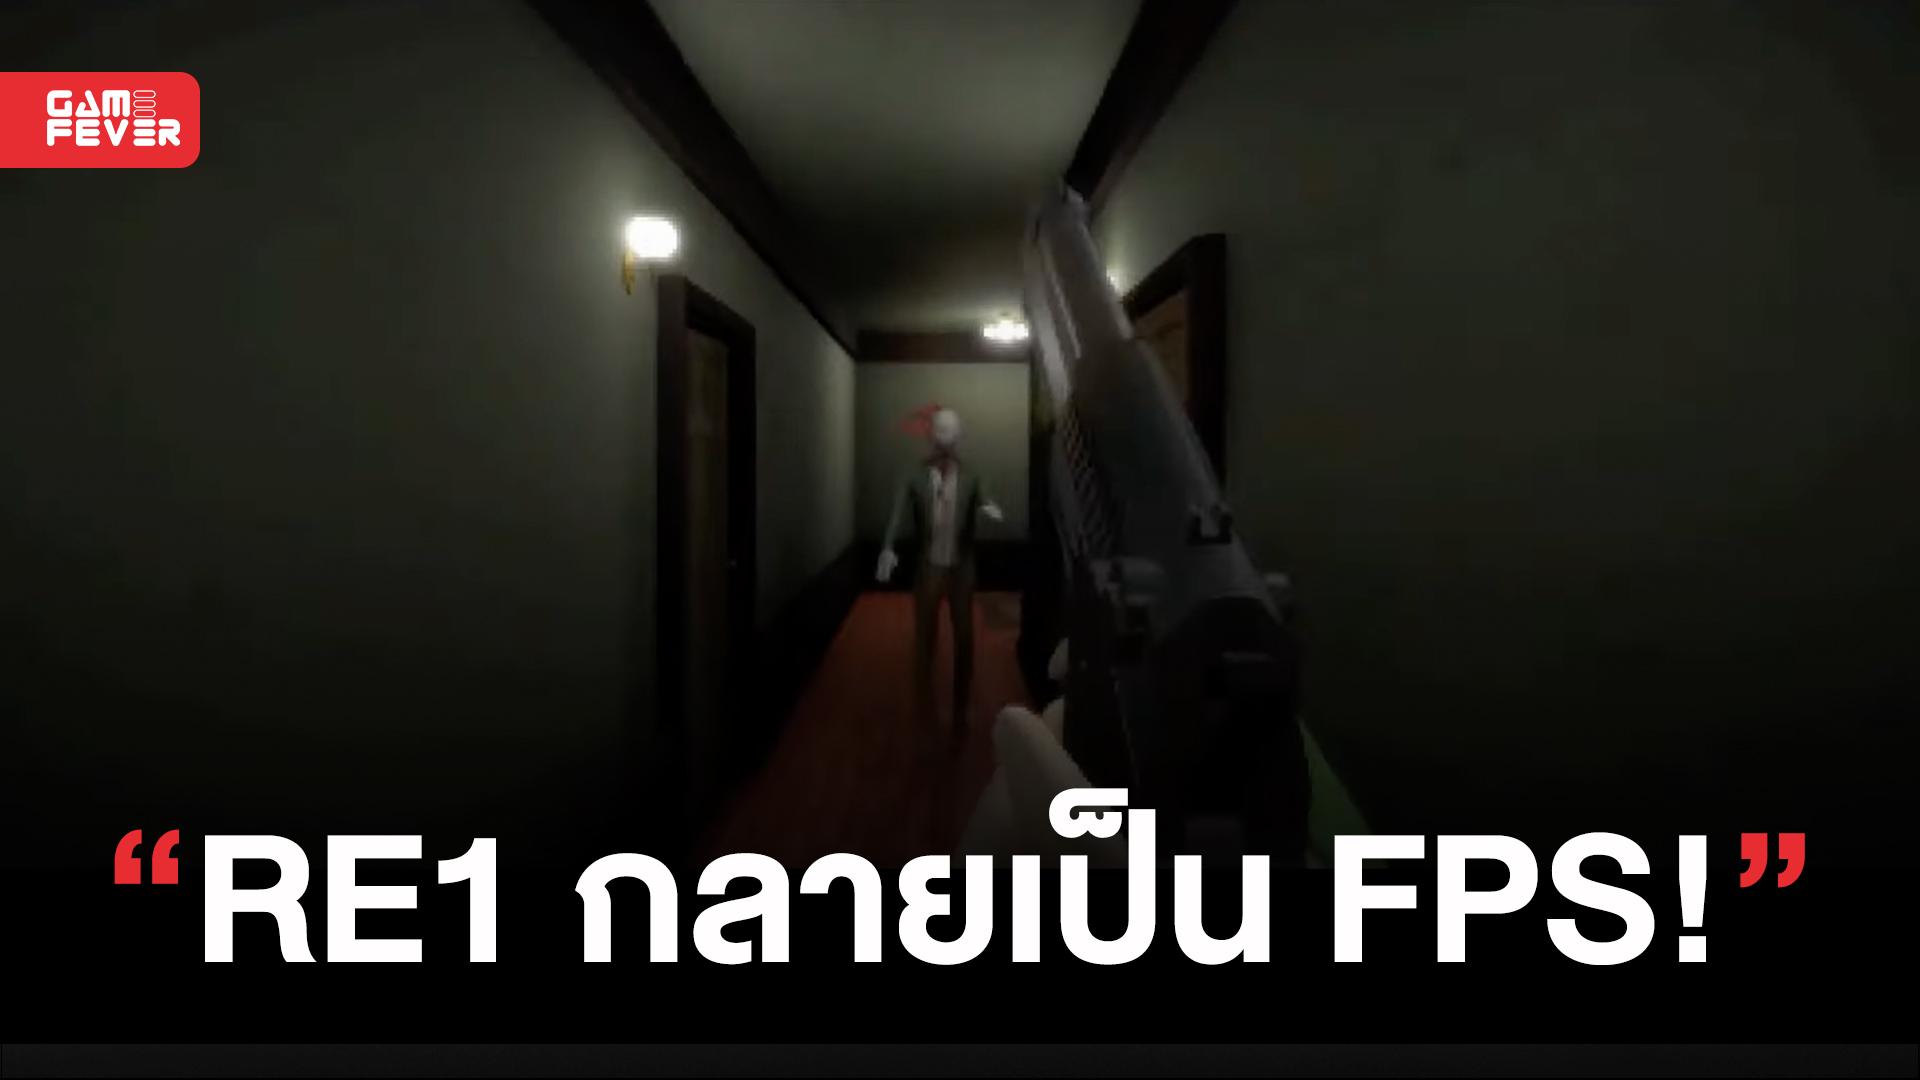 แฟนเกมสร้าง Resident Evil 1 เป็นเกม FPS!